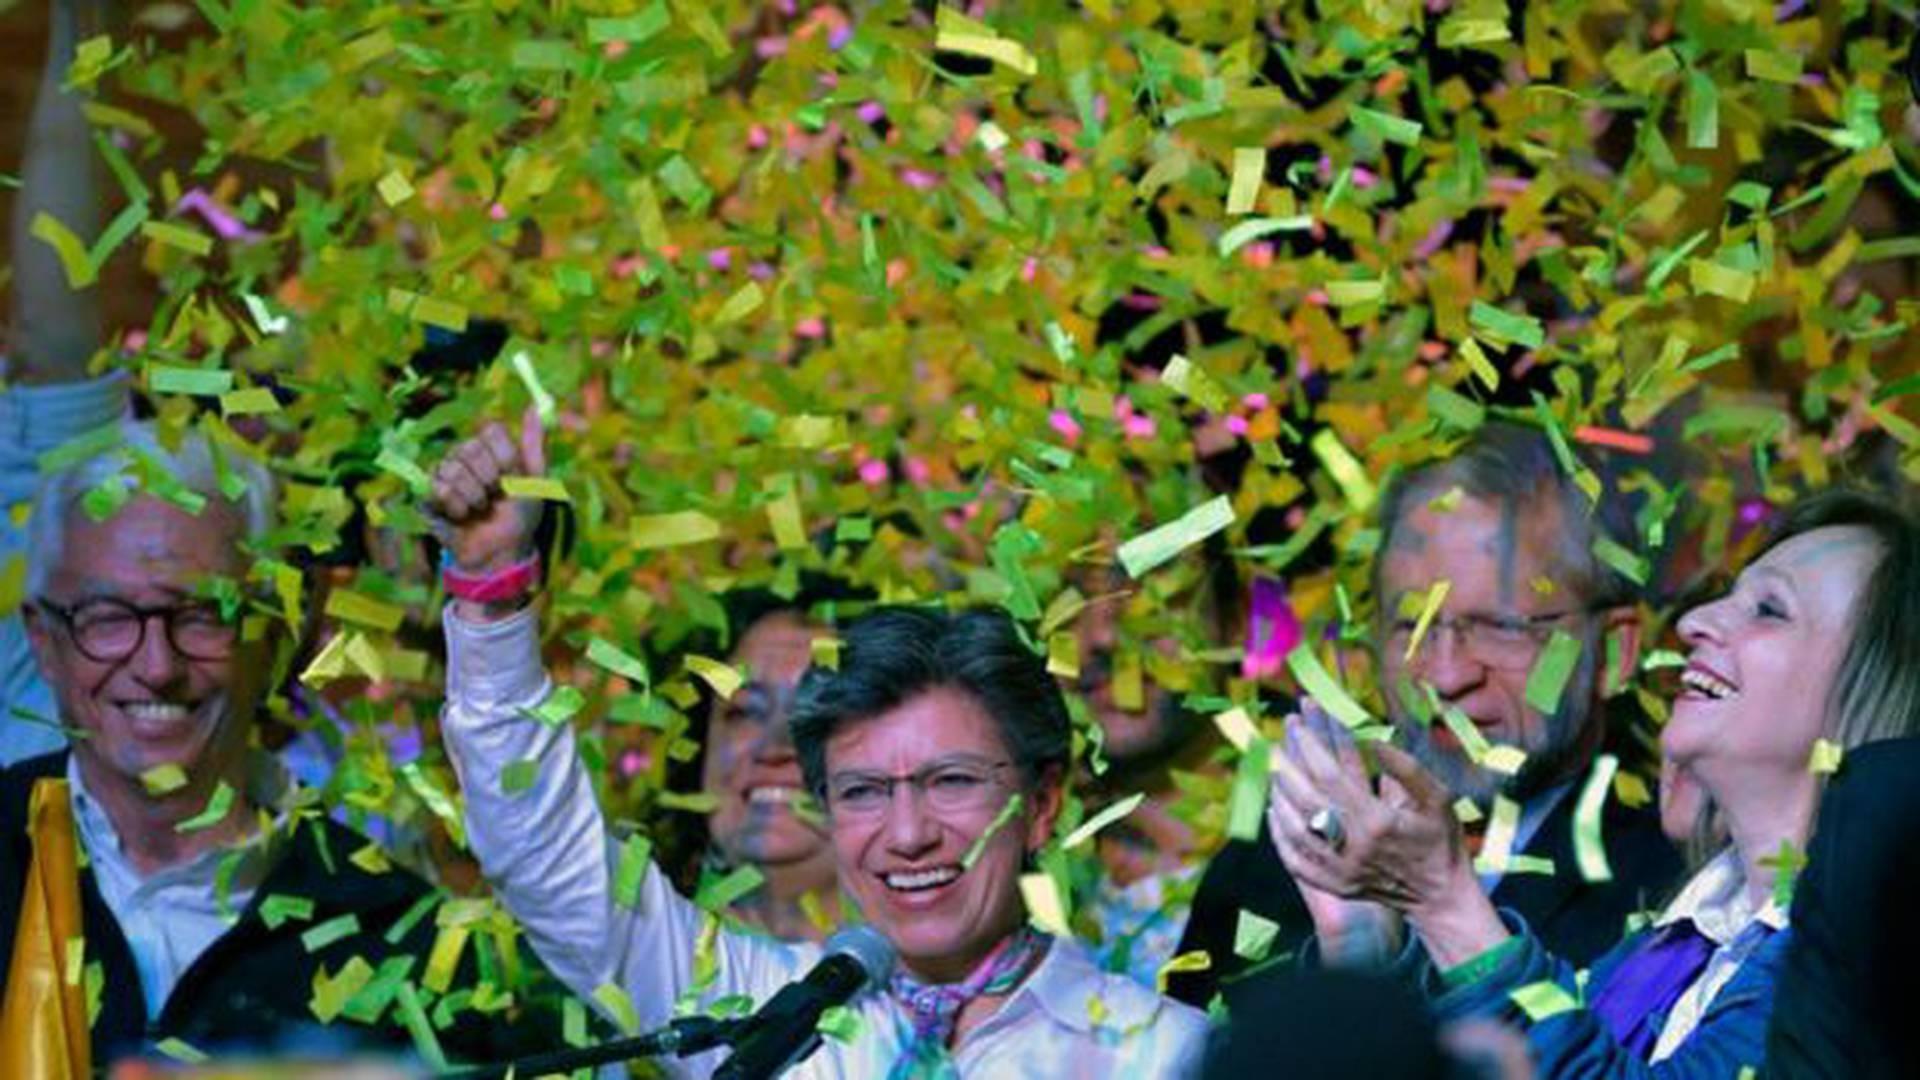 Muchos dicen que López está en campaña para ser presidente. Ella, para responderlo, cita la Constitución: los alcaldes no pueden renunciar para lanzarse a la presidencia.